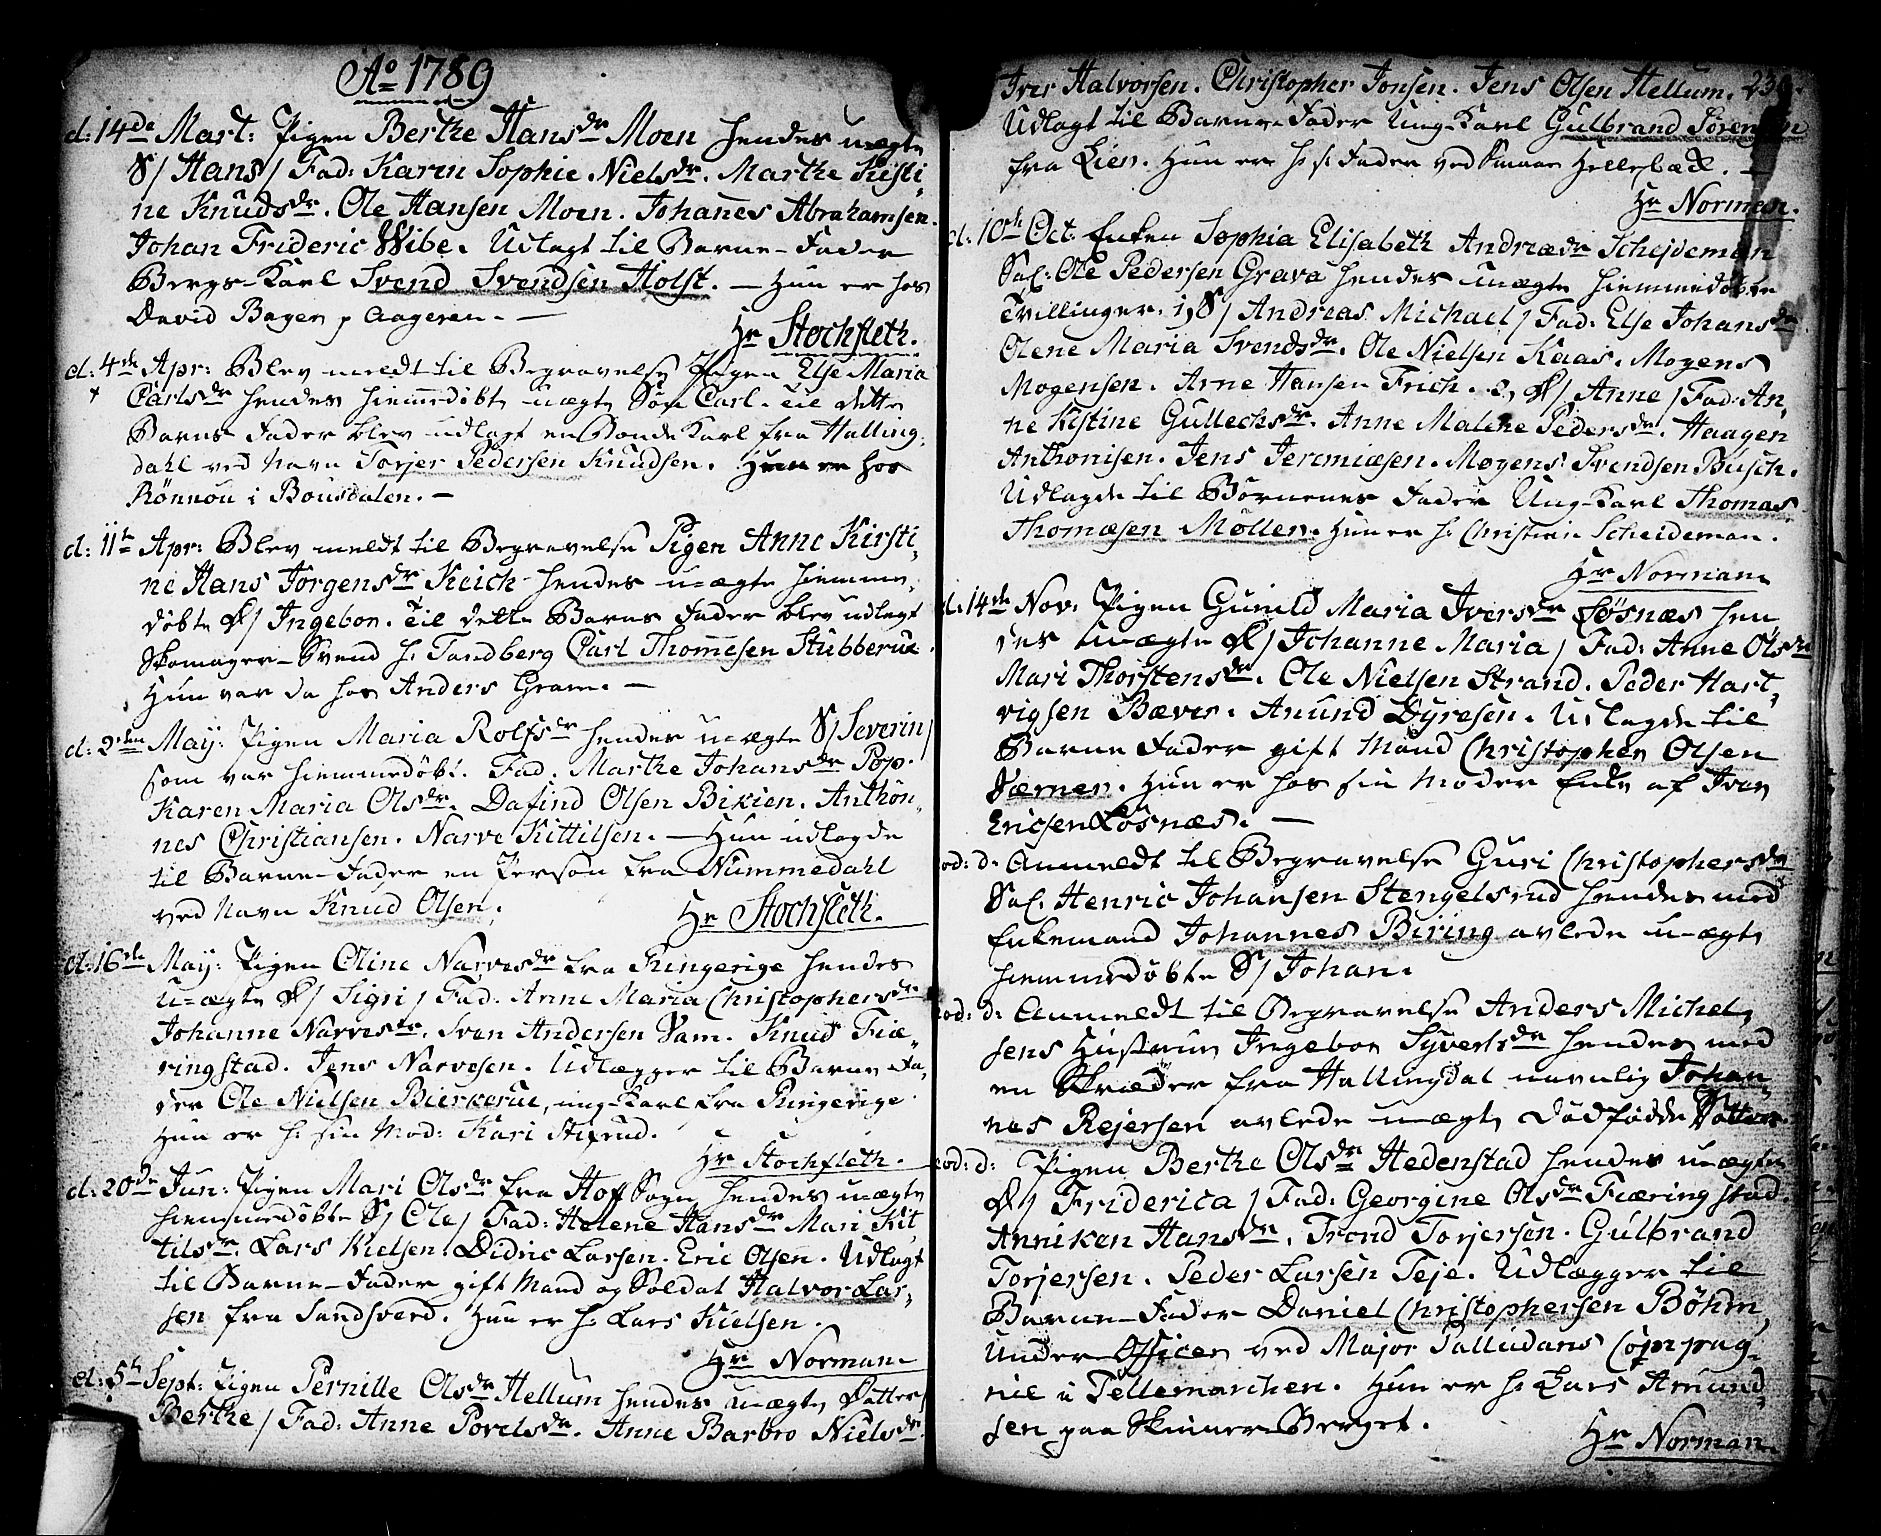 SAKO, Kongsberg kirkebøker, F/Fa/L0006: Ministerialbok nr. I 6, 1783-1797, s. 239